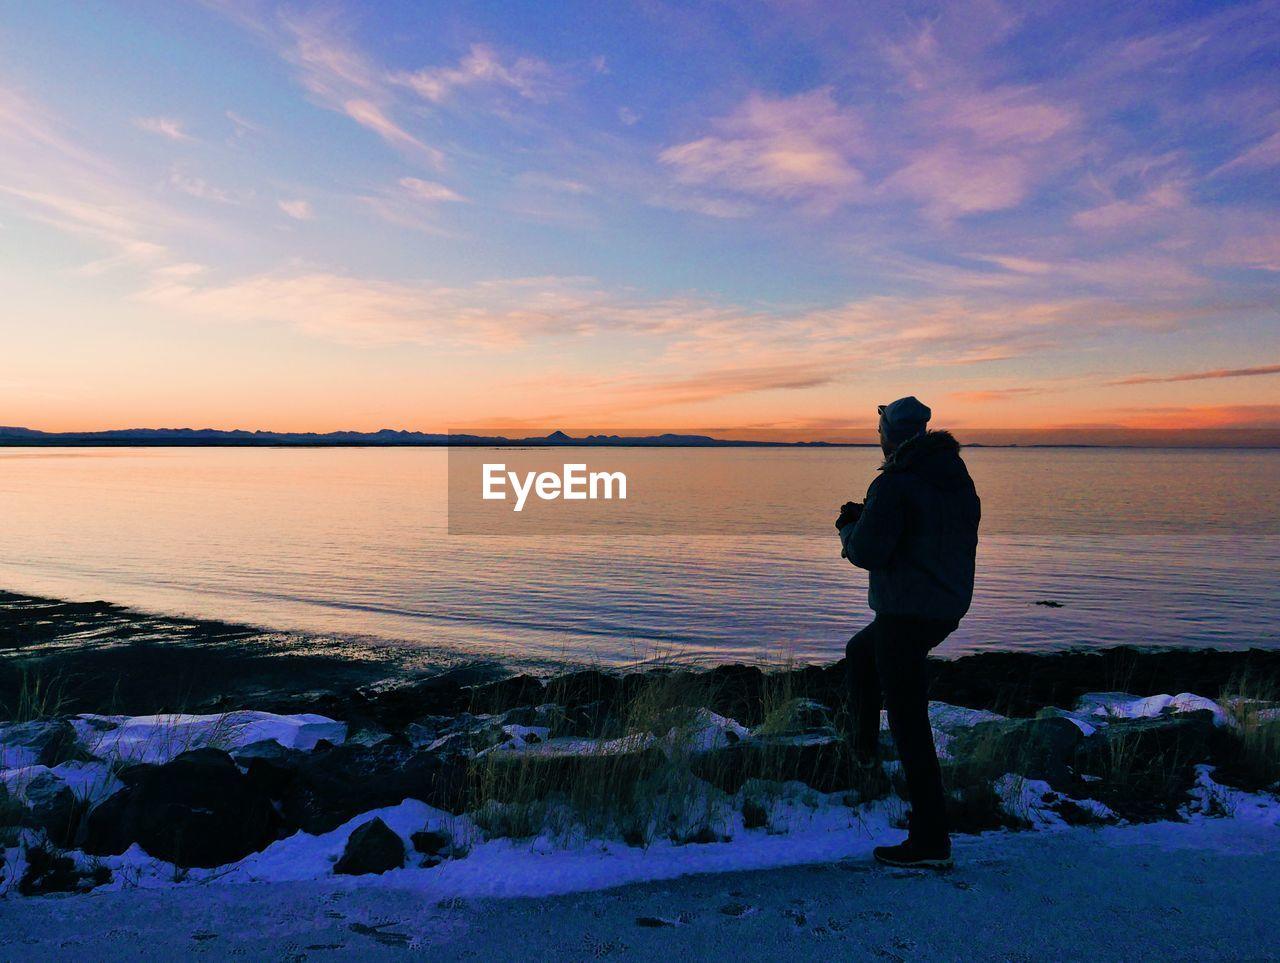 MAN STANDING ON SHORE AGAINST SUNSET SKY